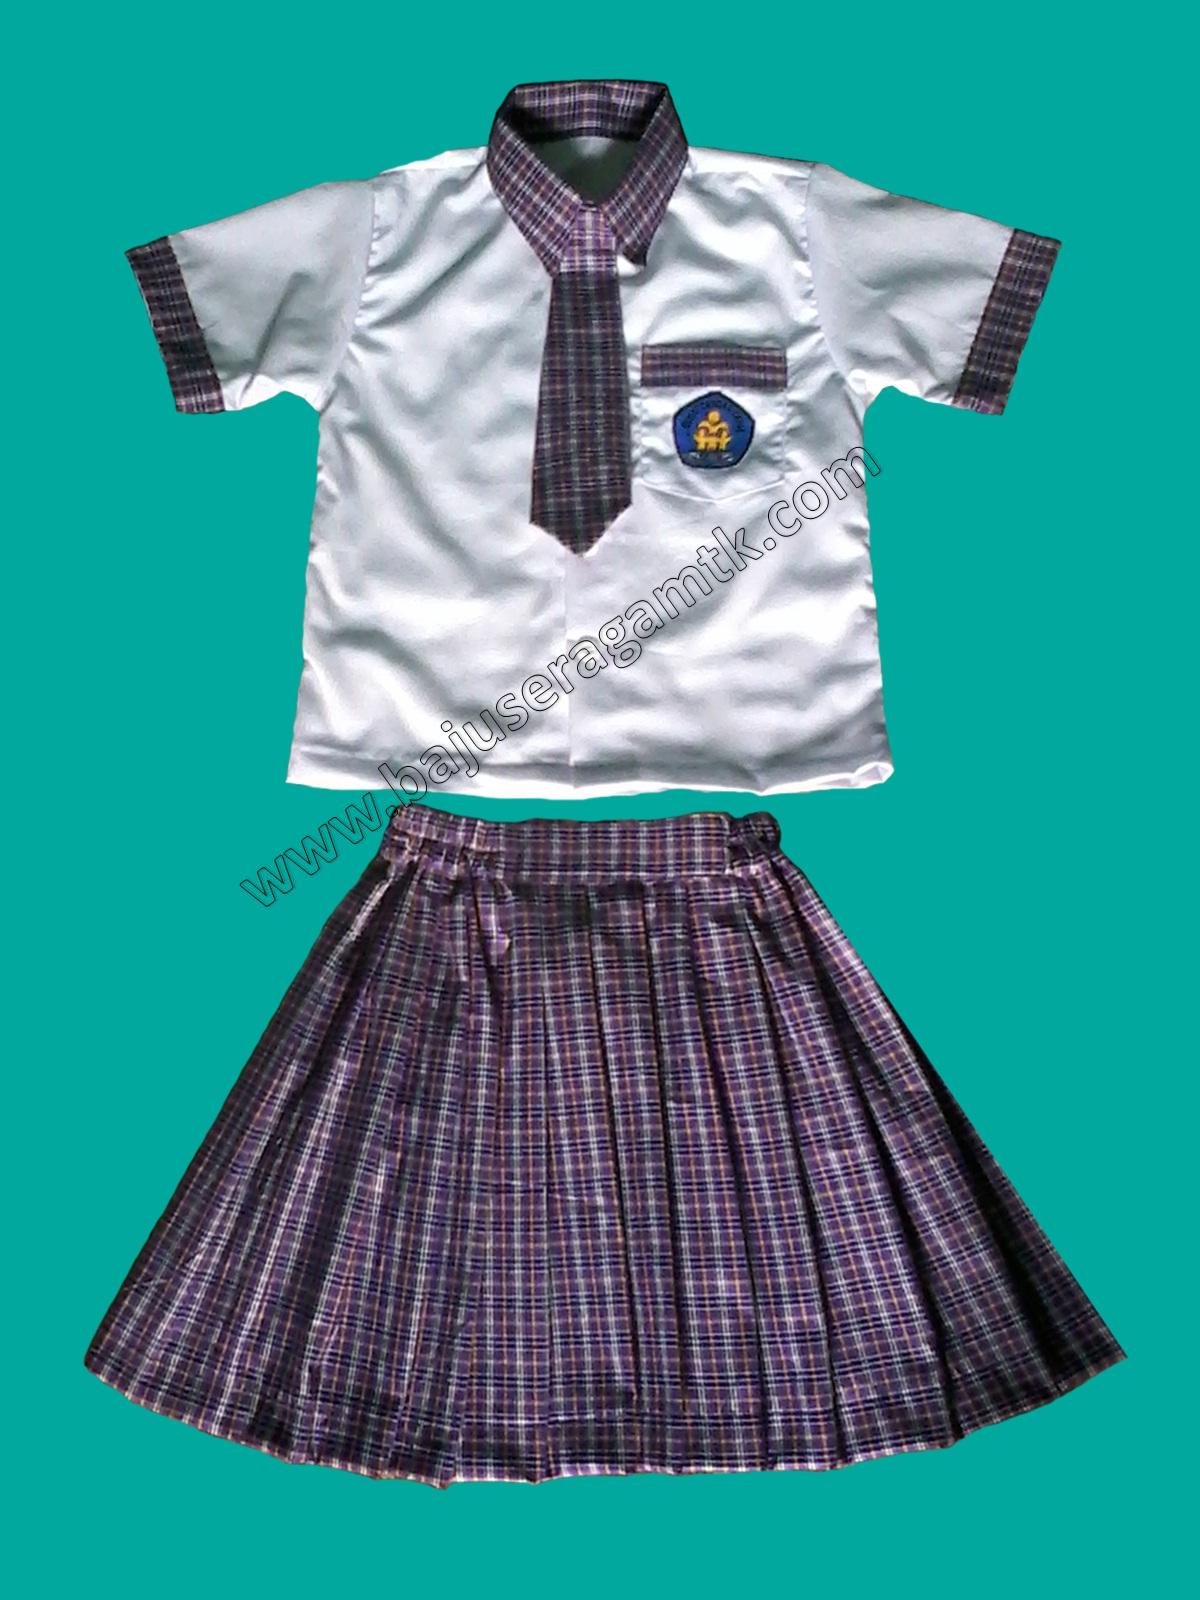 Gambar Desain Baju Anak  Koleksi Gambar HD